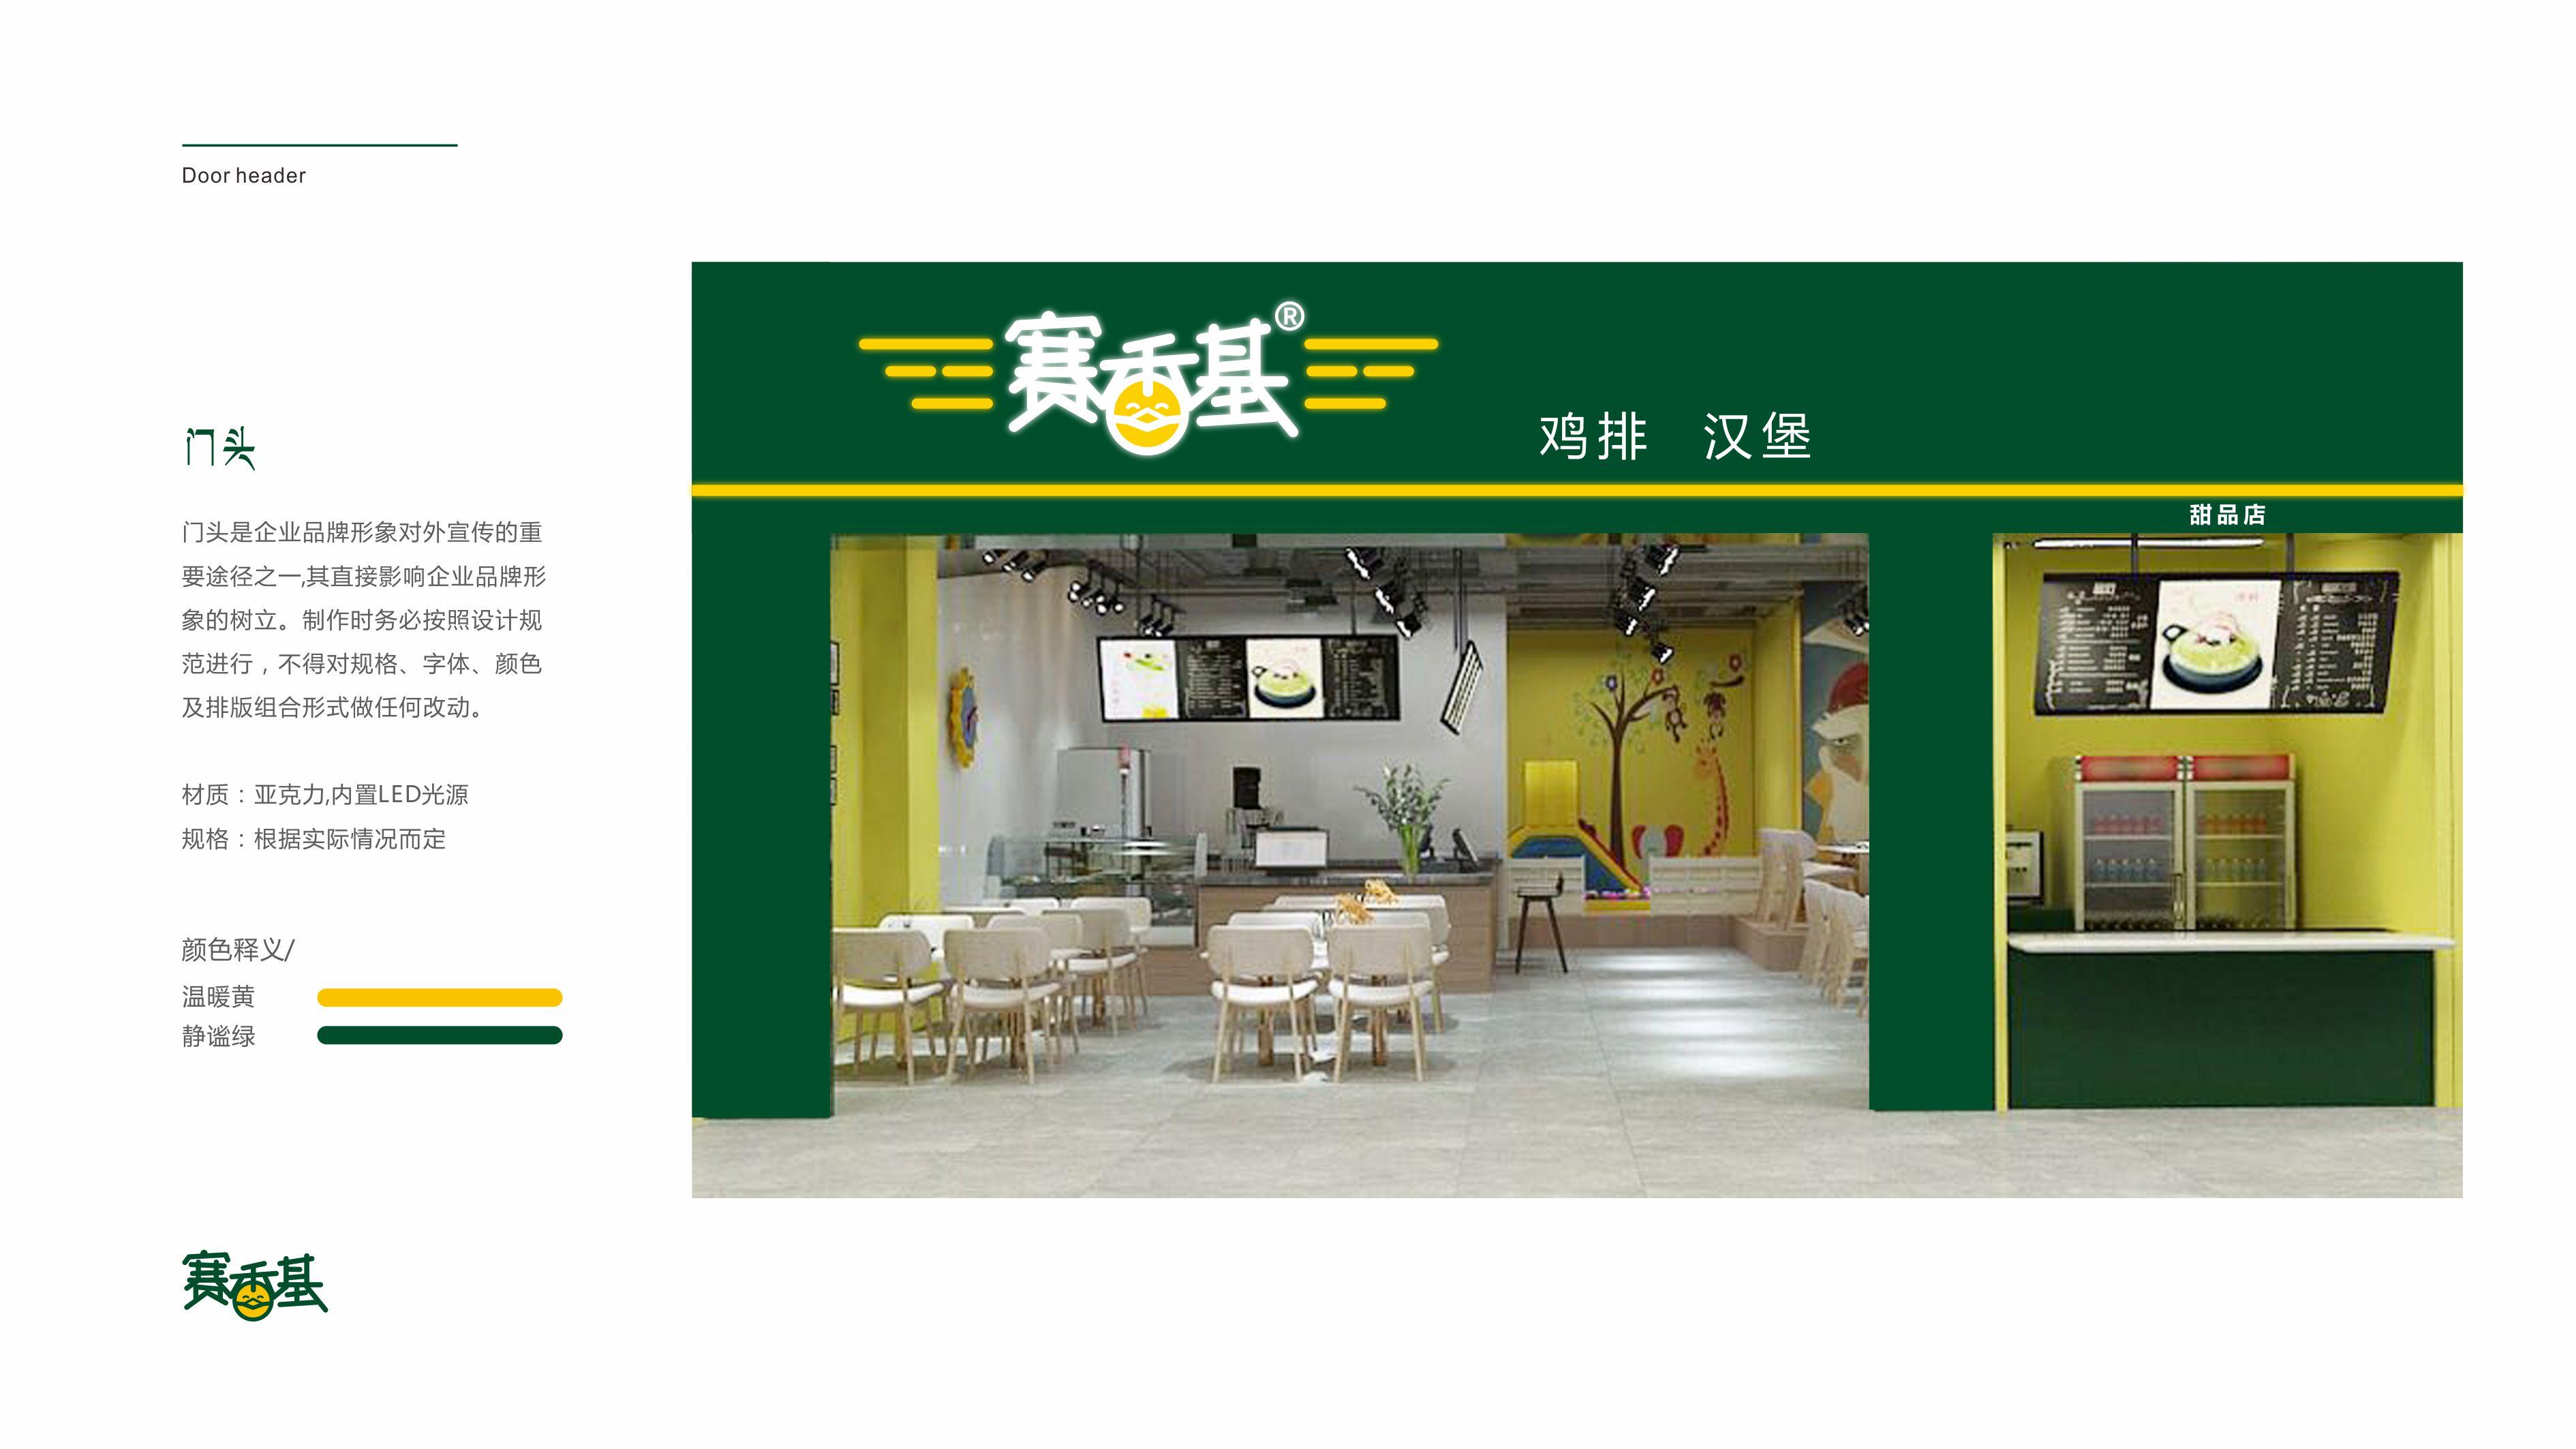 赛香基餐饮公司门头设计